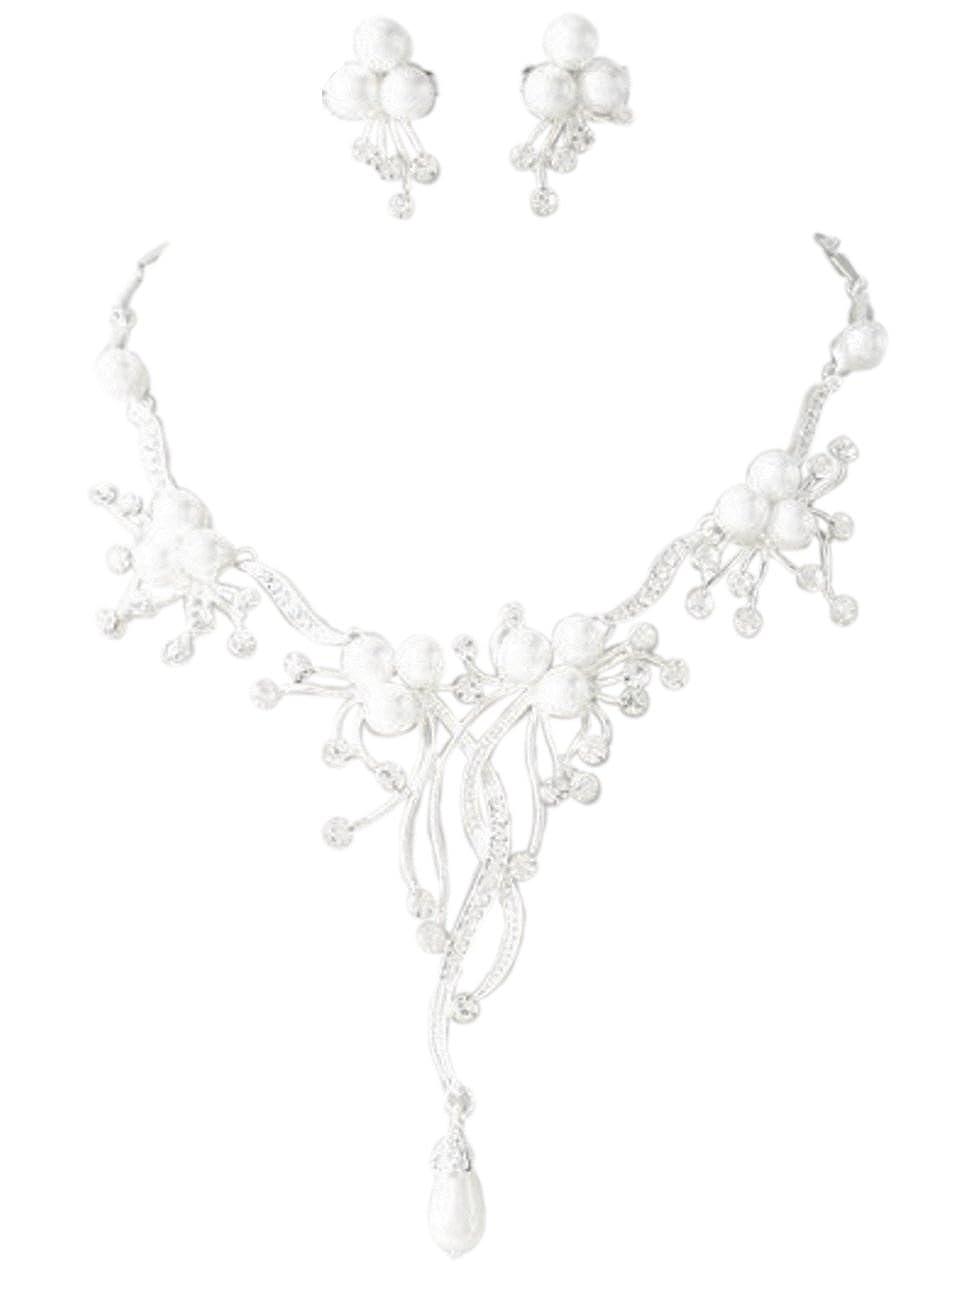 Schmuckanthony Best Seller Glamour Brautschmuck Schmuckset Set Kette Ohrringe versilbert Perlen Weiß und Kristall klar Transparent 4158NS